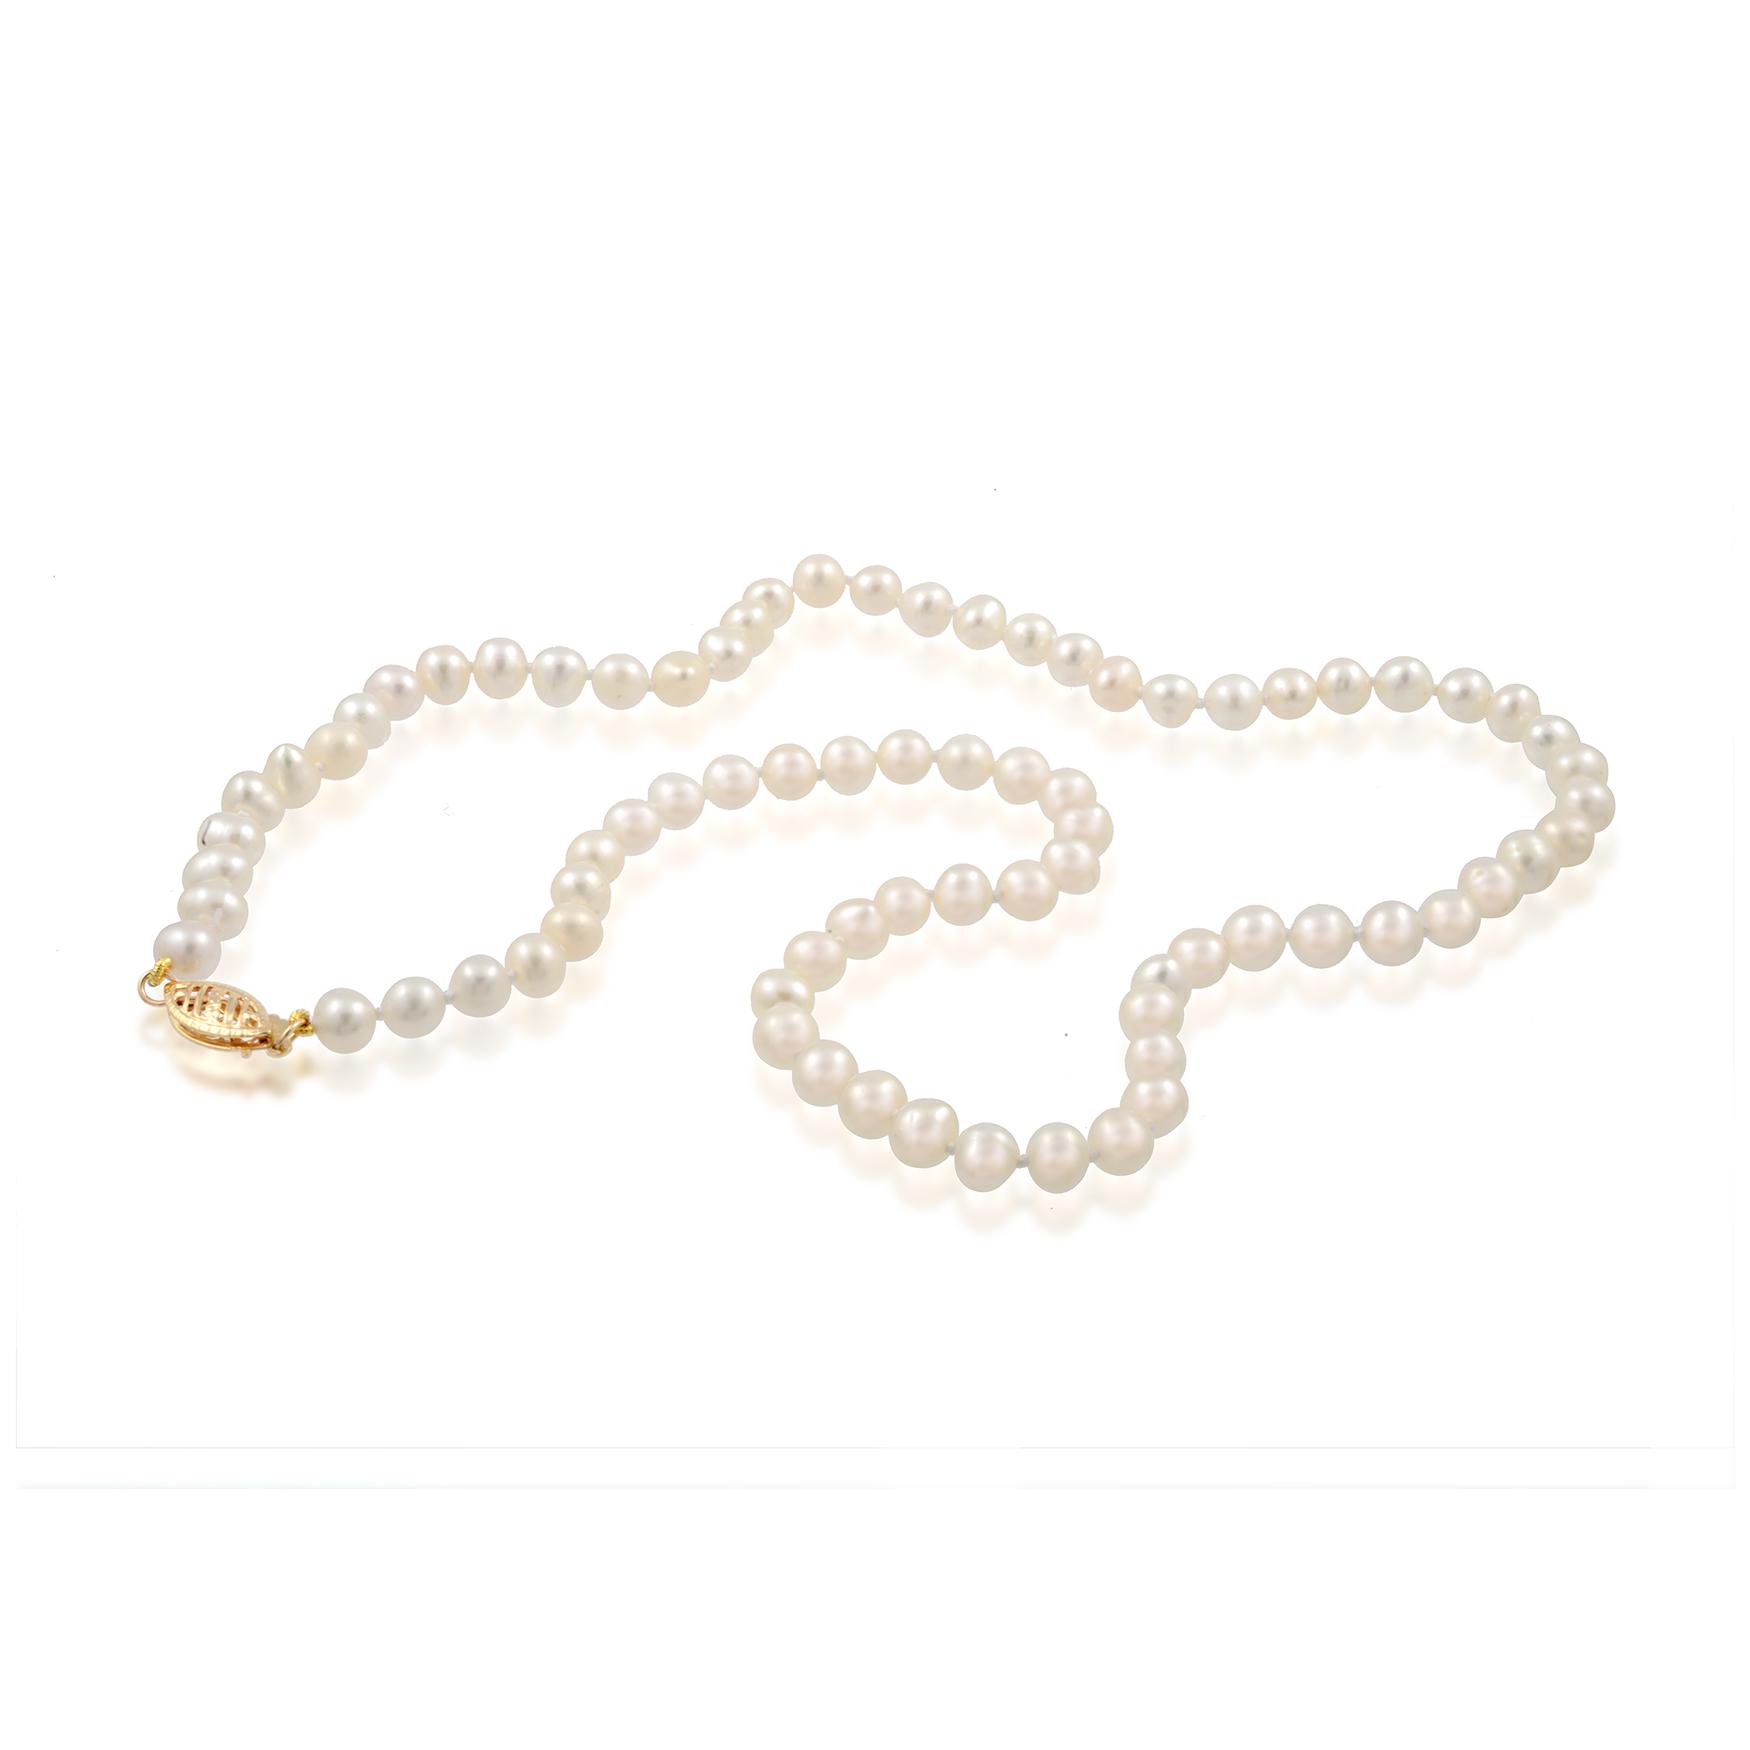 Collier de Perles de 18 pouces  - fermoir en or jaune 14K